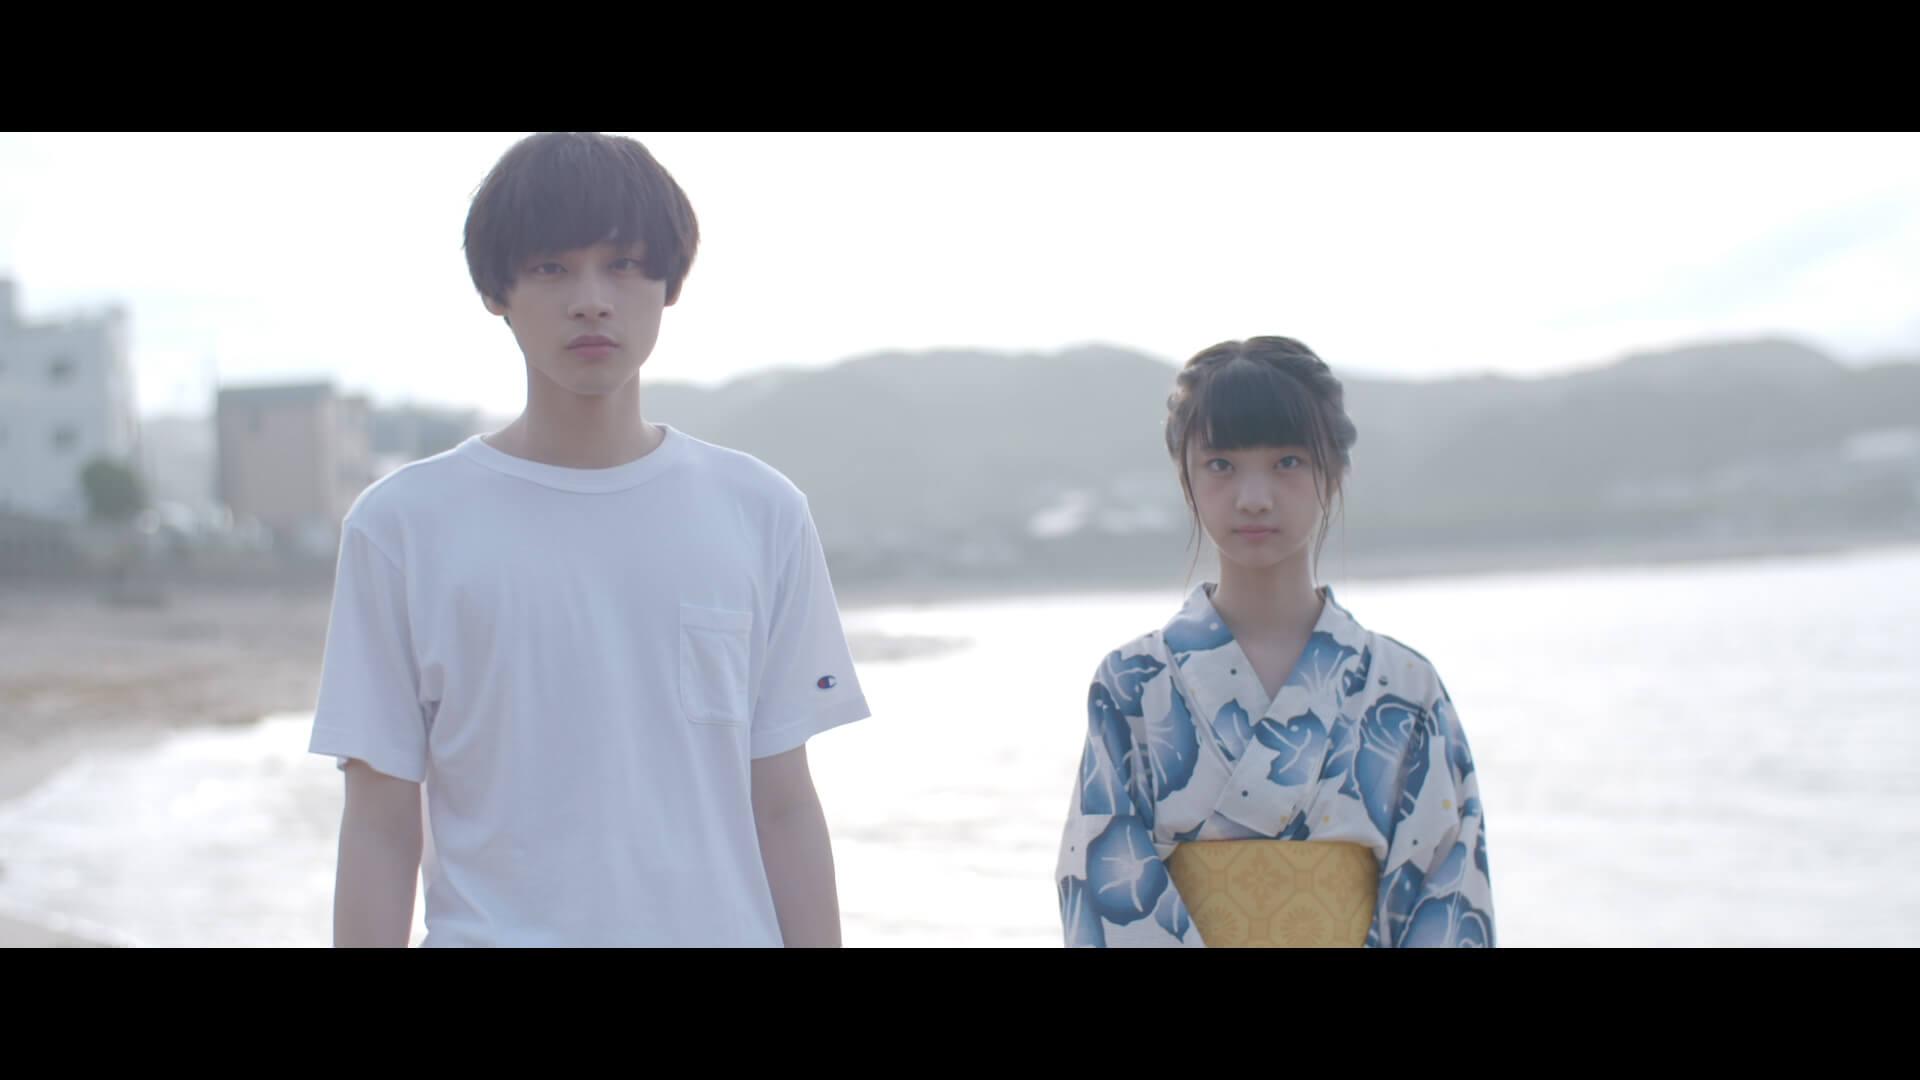 夢みるアドレセンス、ニューシングルで初のドラマ仕立てMV公開